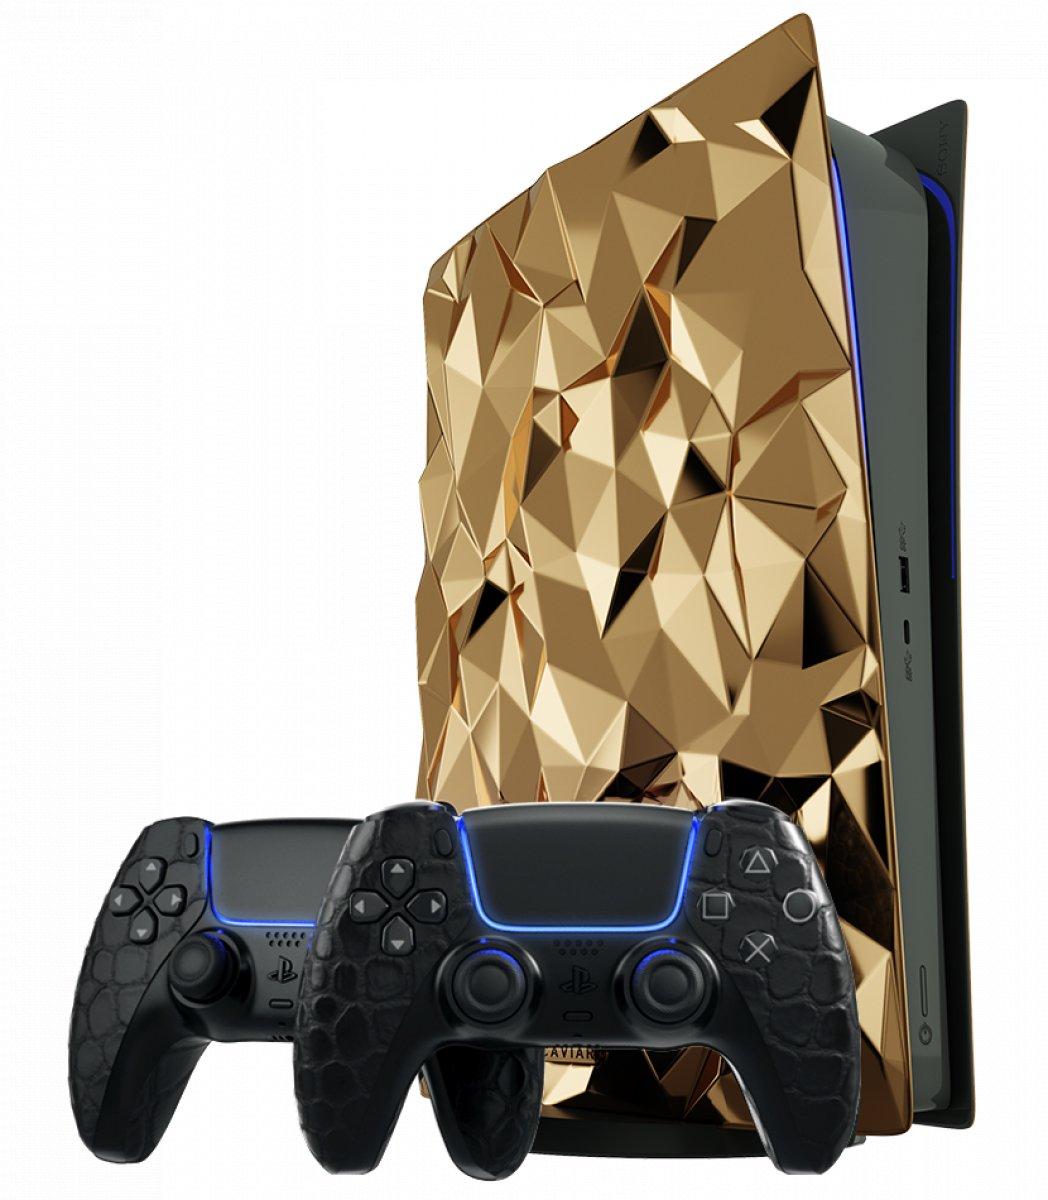 Altın kaplama PlayStation 5 in fiyatı belli oldu #5